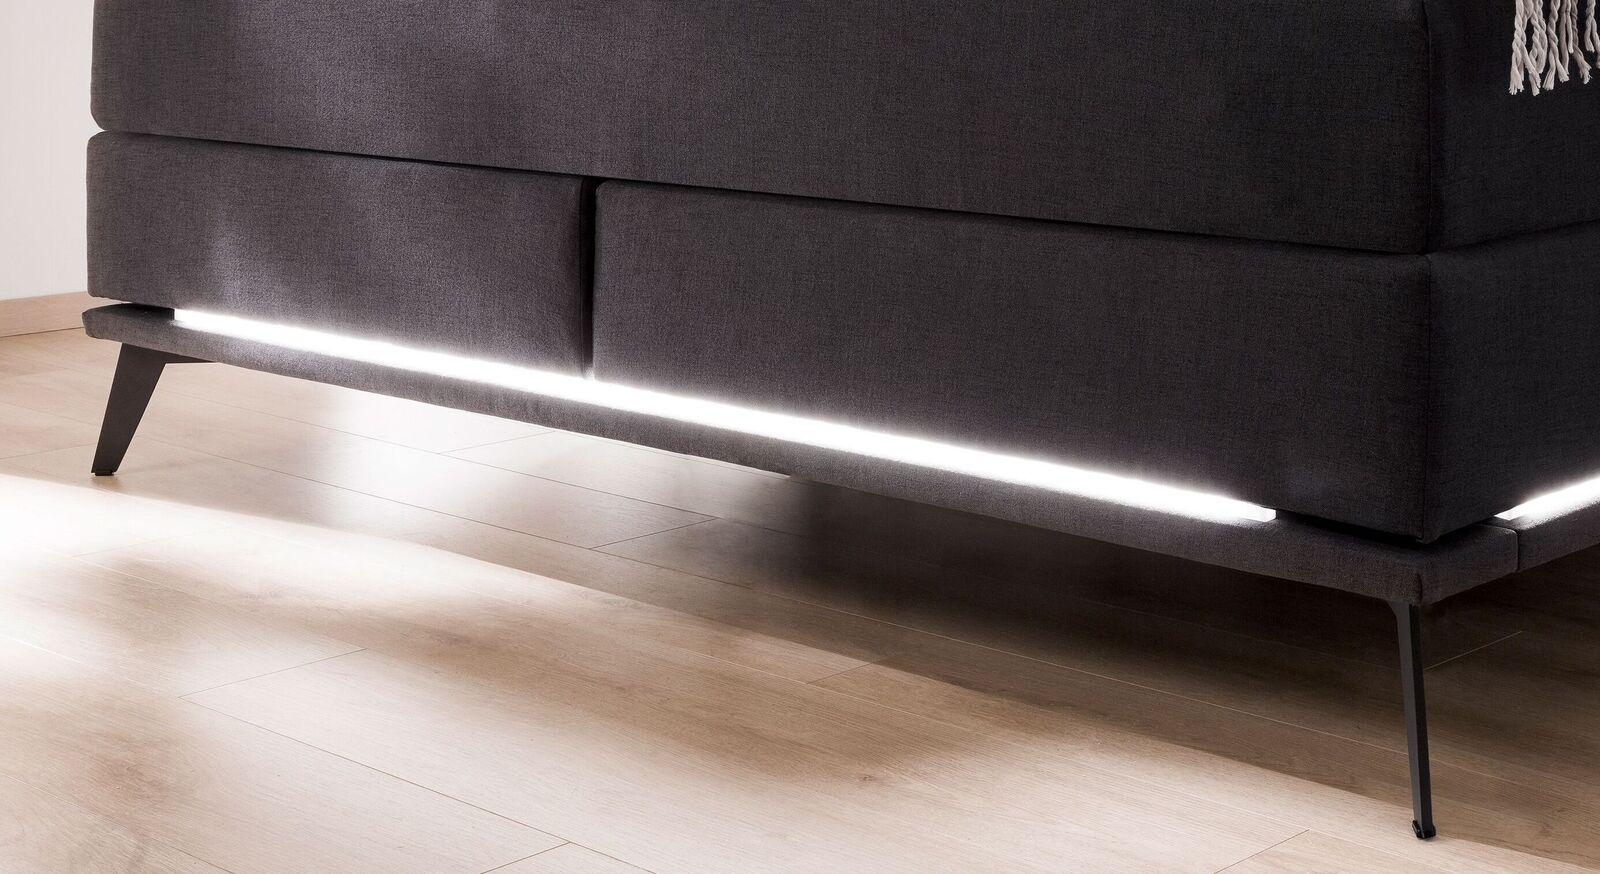 Boxspringbett Silverio mit beleuchtetem Fußbereich